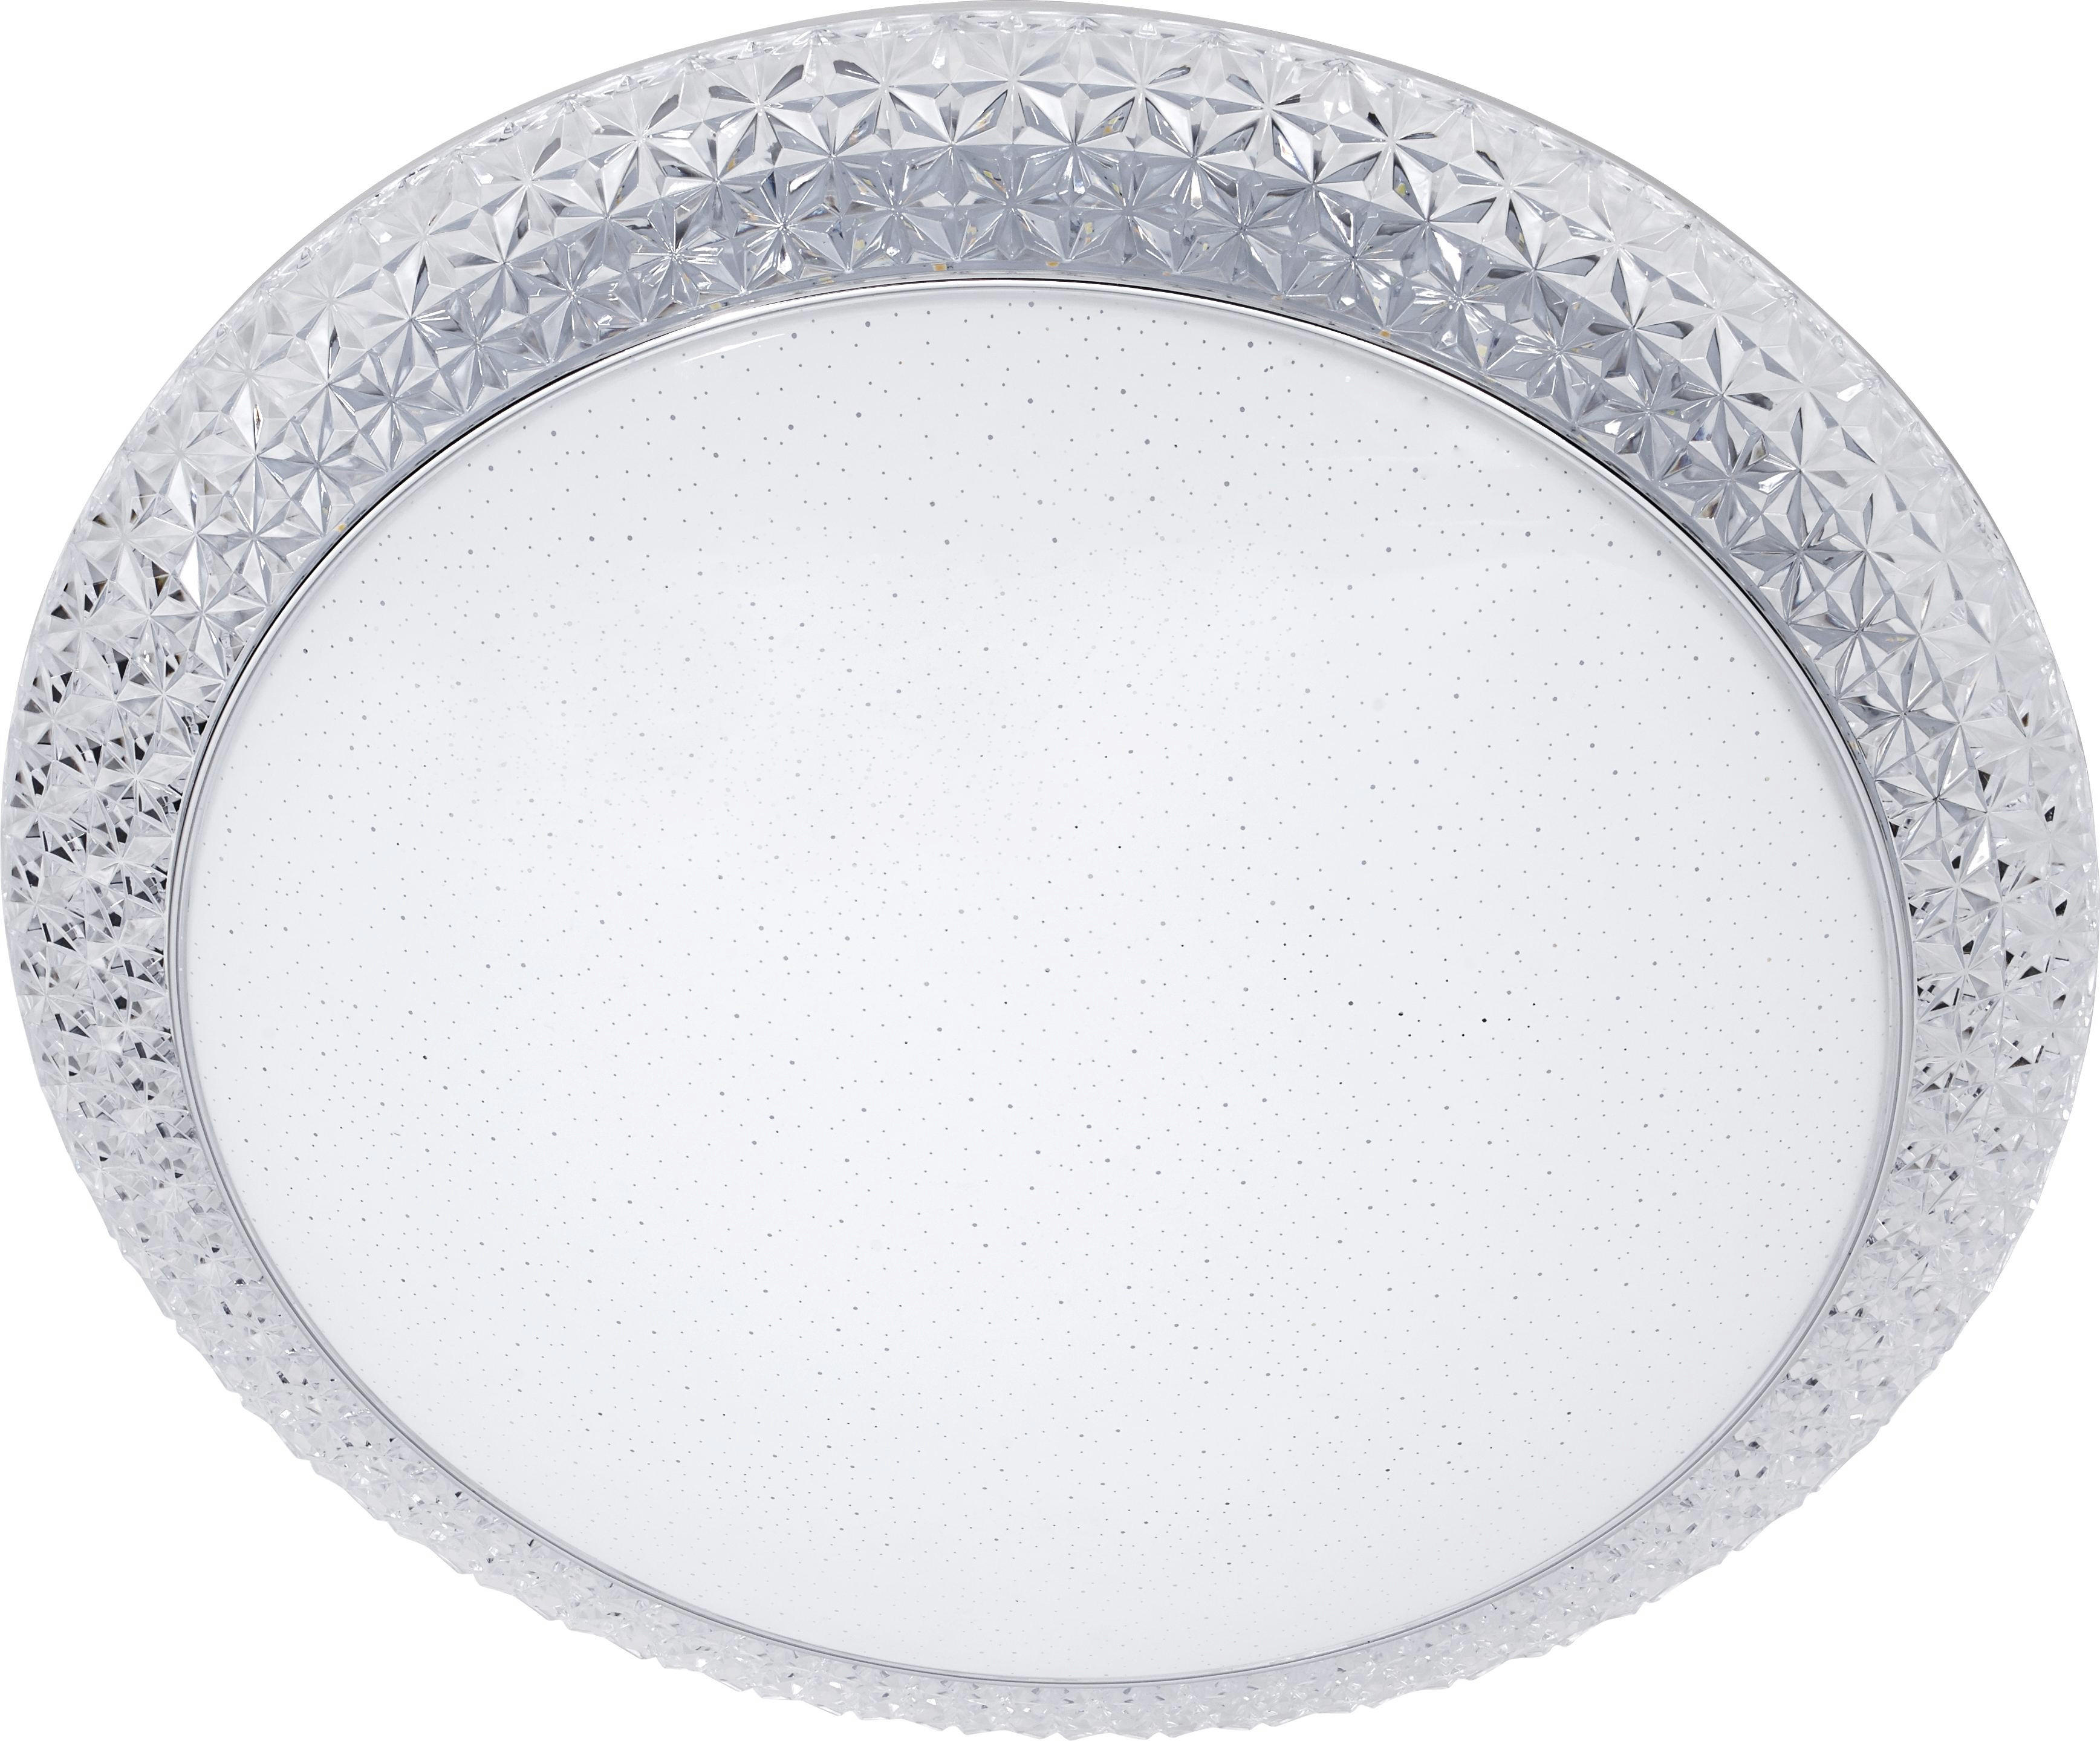 LED STROPNÍ SVÍTIDLO - bílá, Design, umělá hmota (51/12cm) - NOVEL